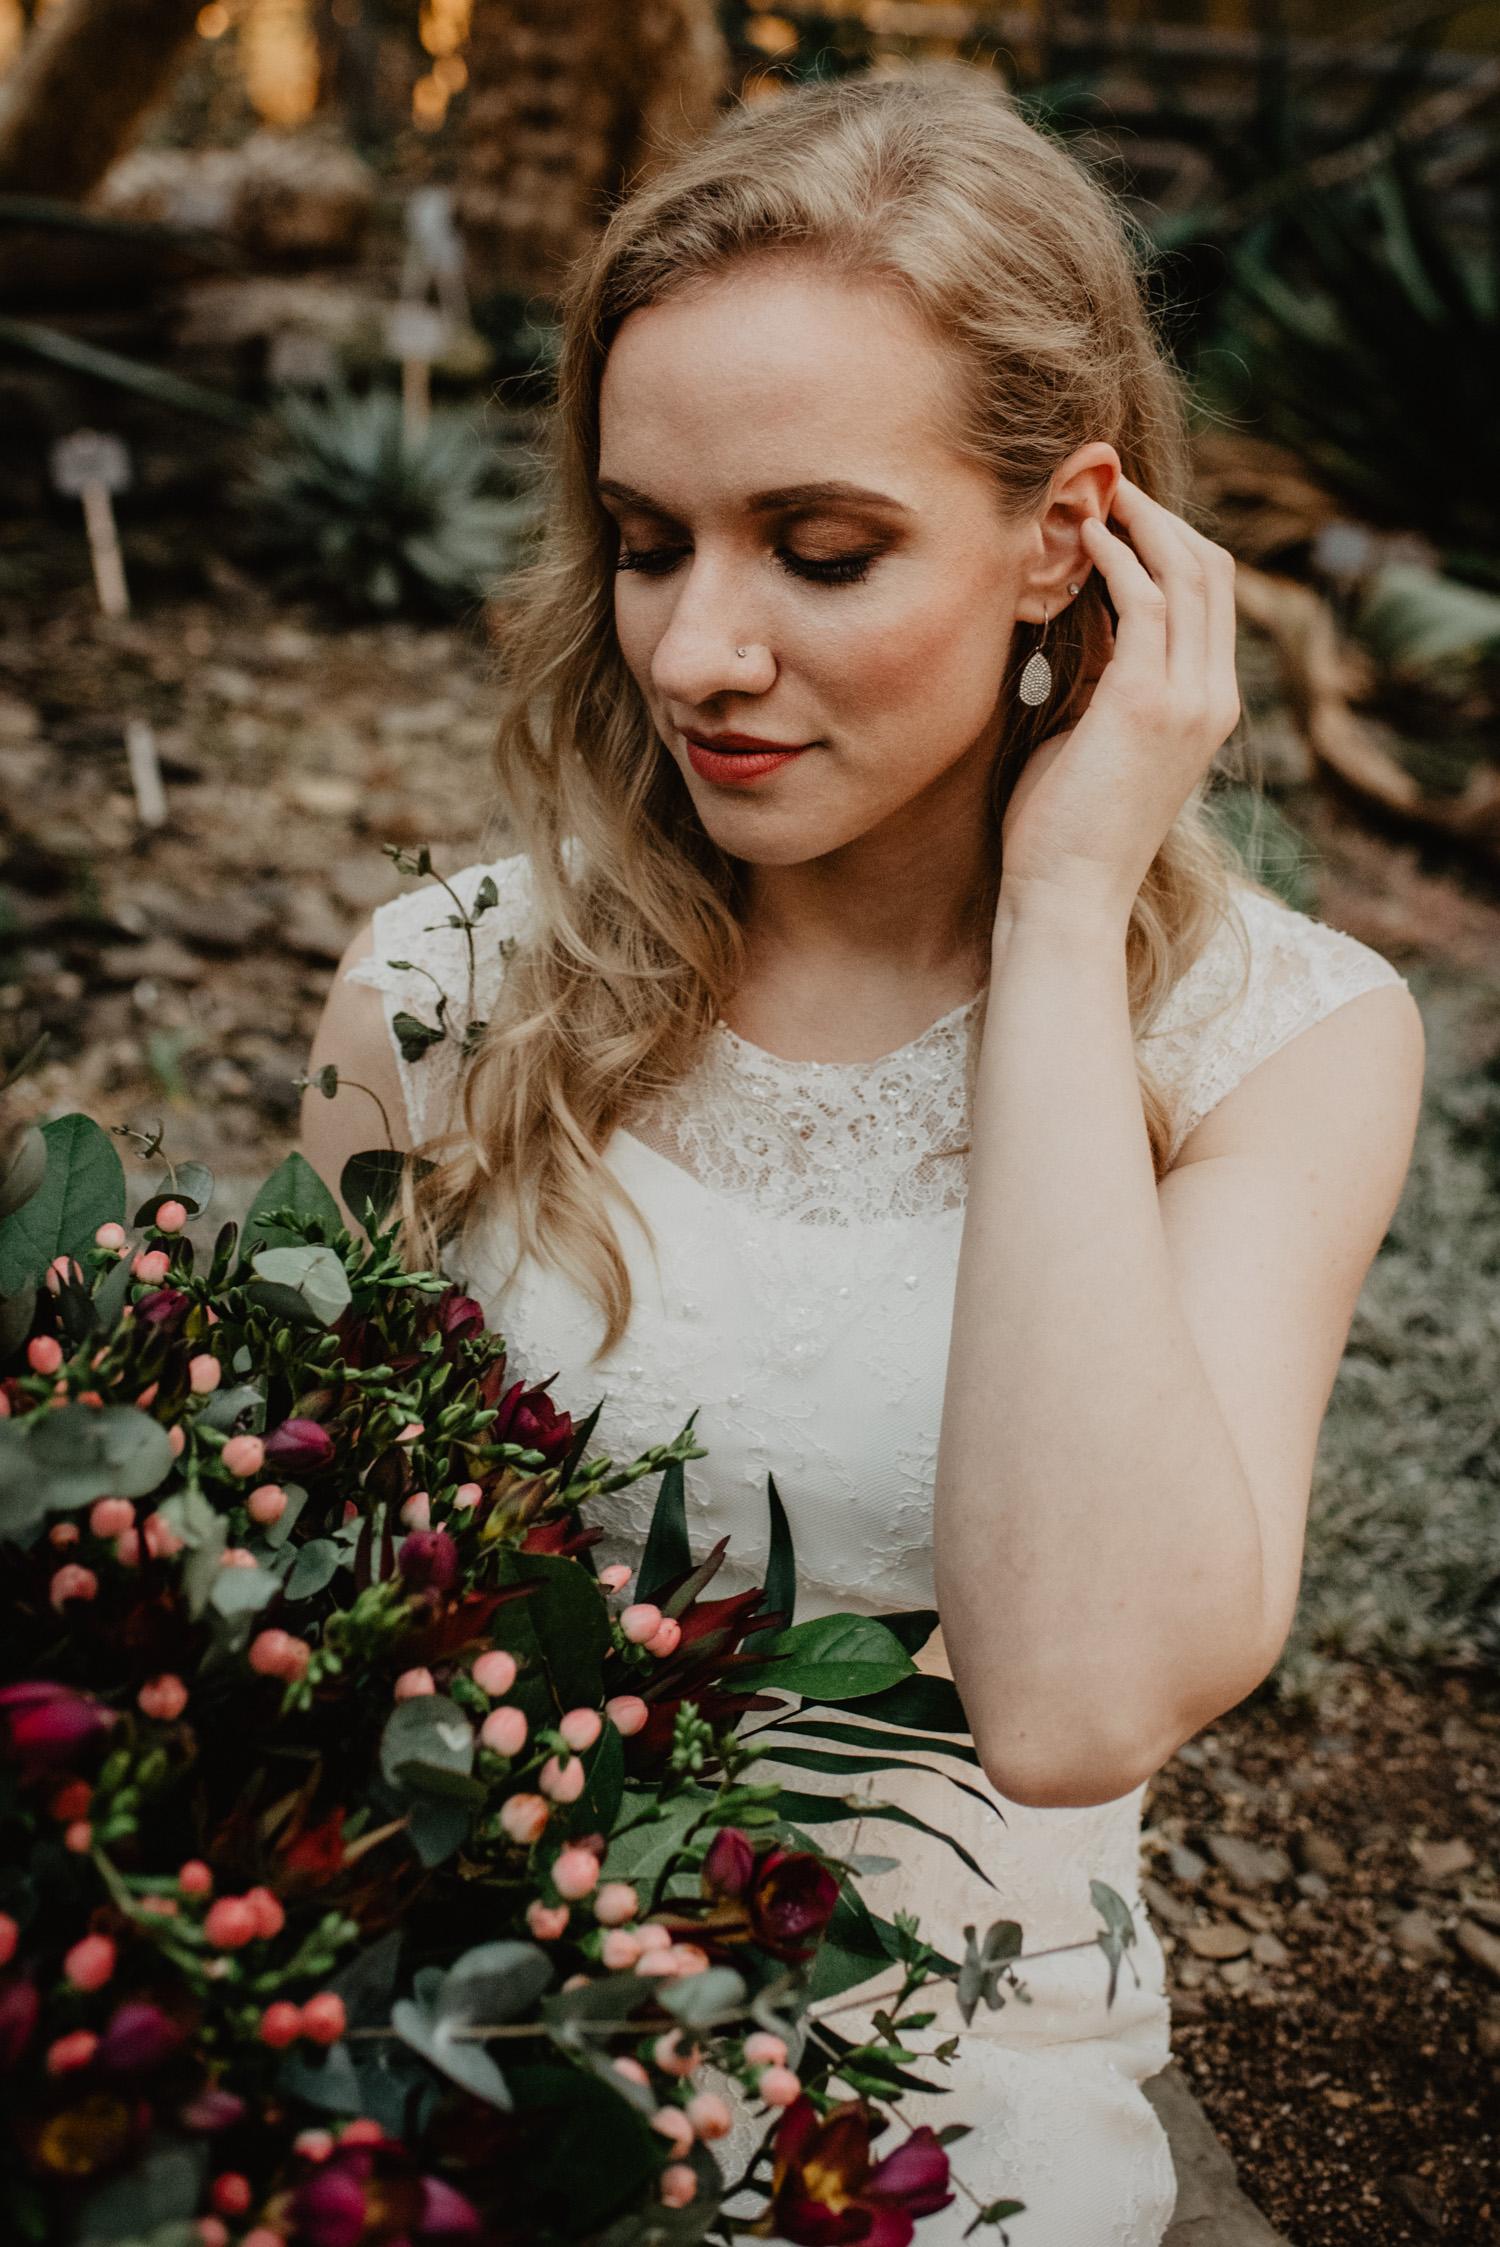 Portrait der Braut. Sie hat Smokey Eyes, lange, lockige, blonde Haare und hält einen Boho-Brautstrauß.